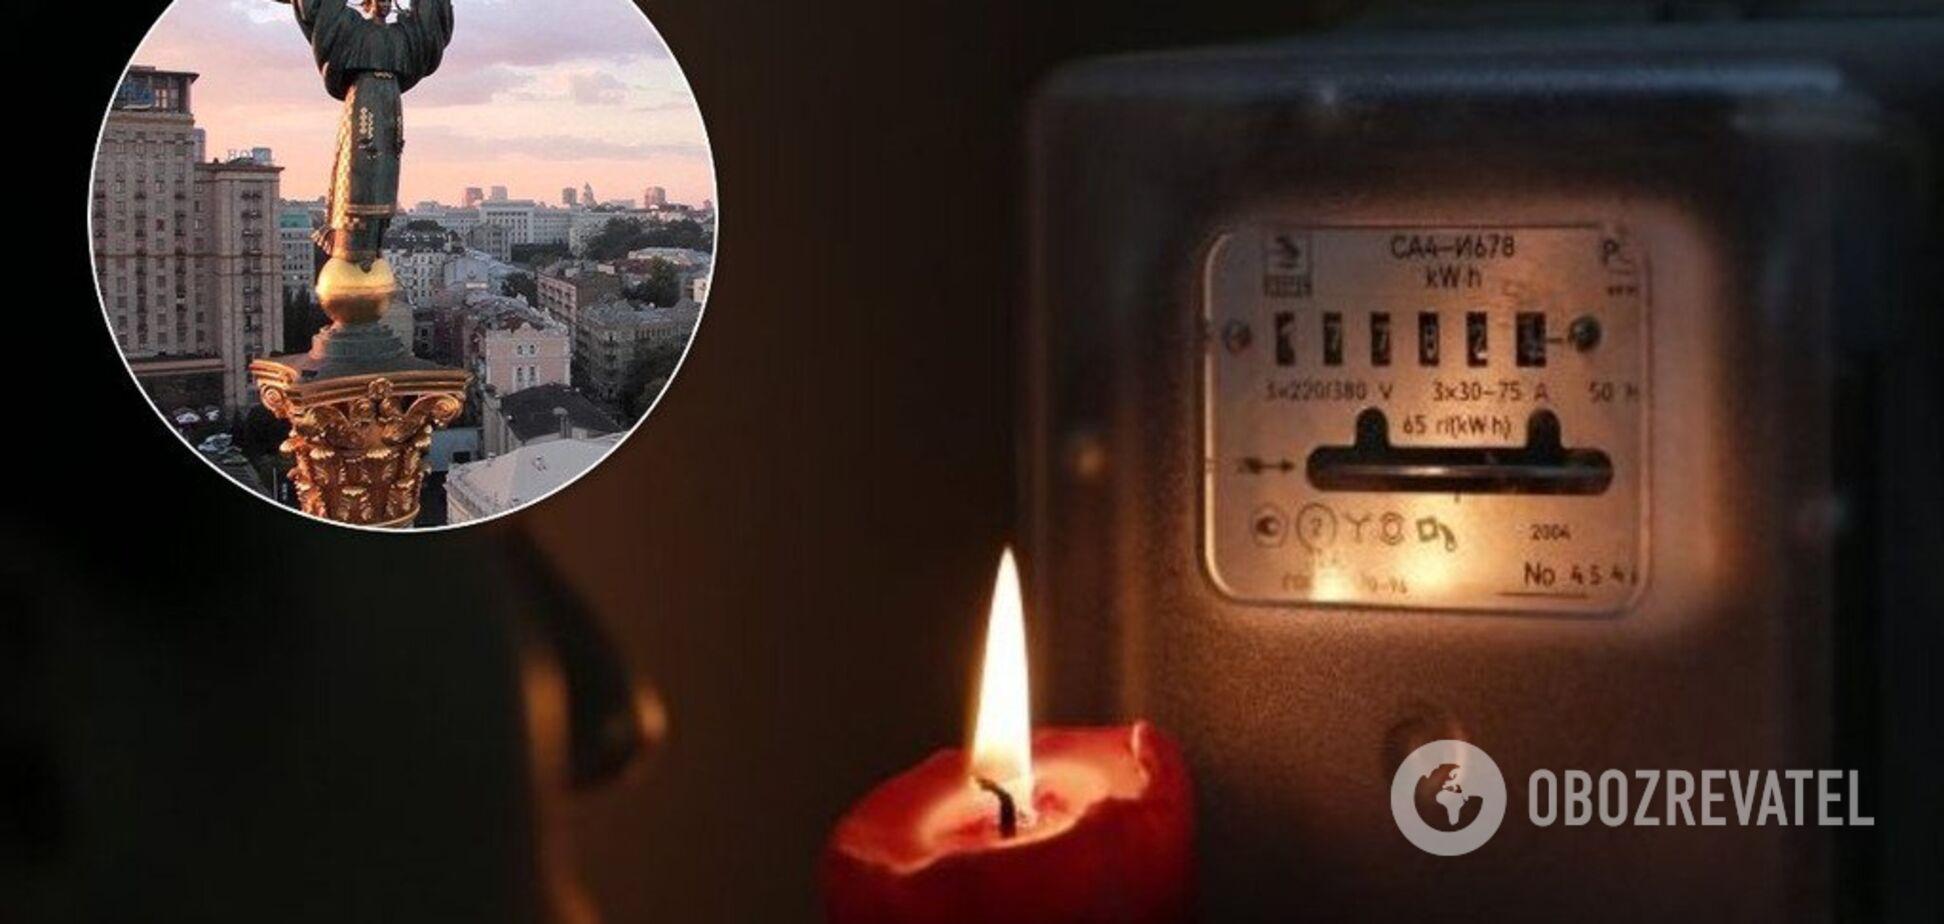 Кияни можуть залишитися без світла: під загрозою сотні тисяч людей